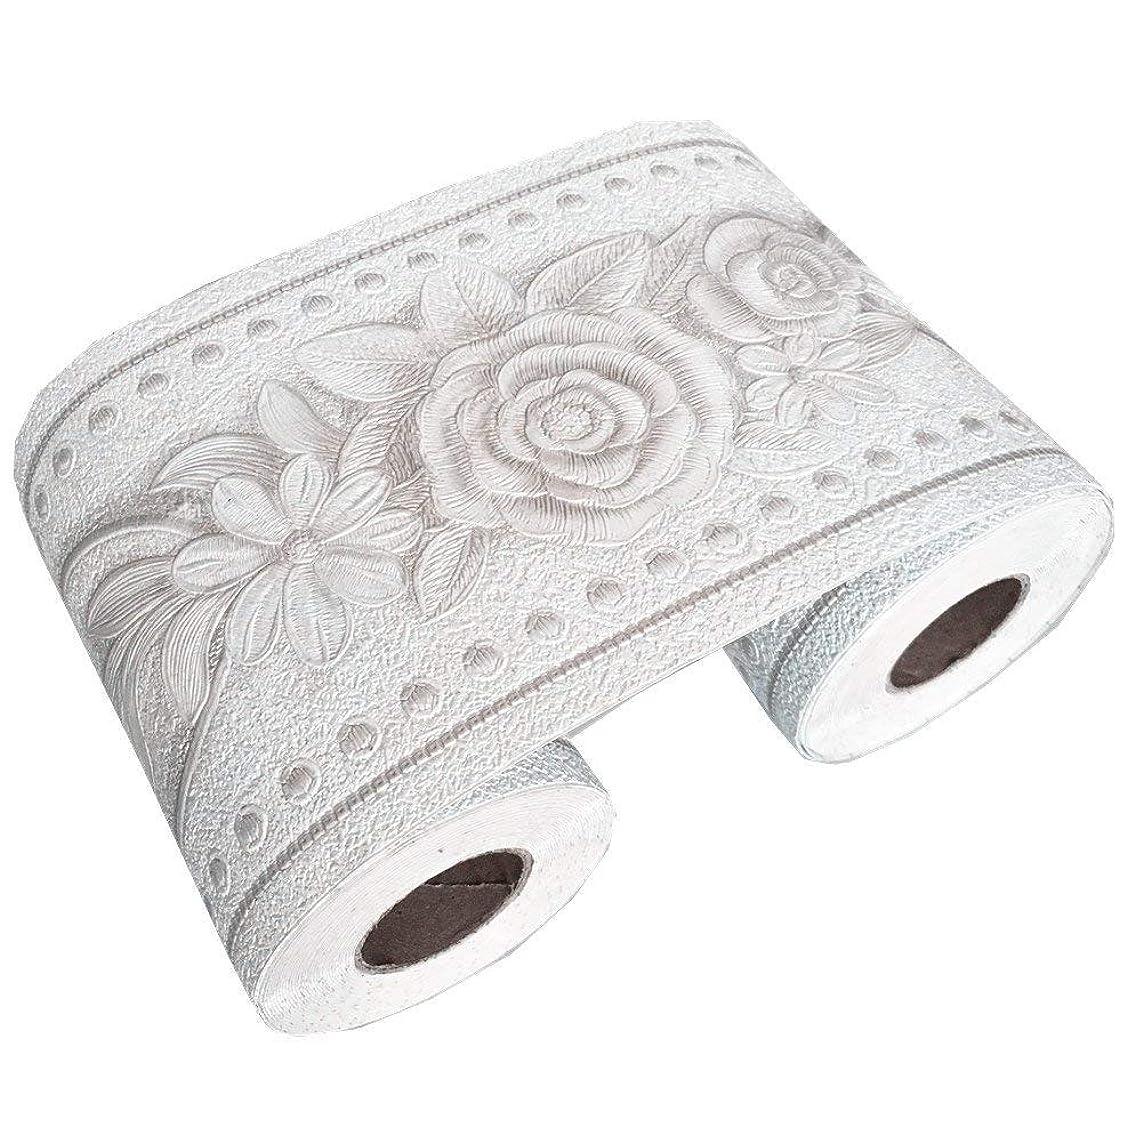 絡まる野な割れ目10cm x 5m ヨーロッパ式花柄 ウォールステッカー インテリアマスキングテープ ボーダーシート リメイクシート 壁紙シール (ホワイト)